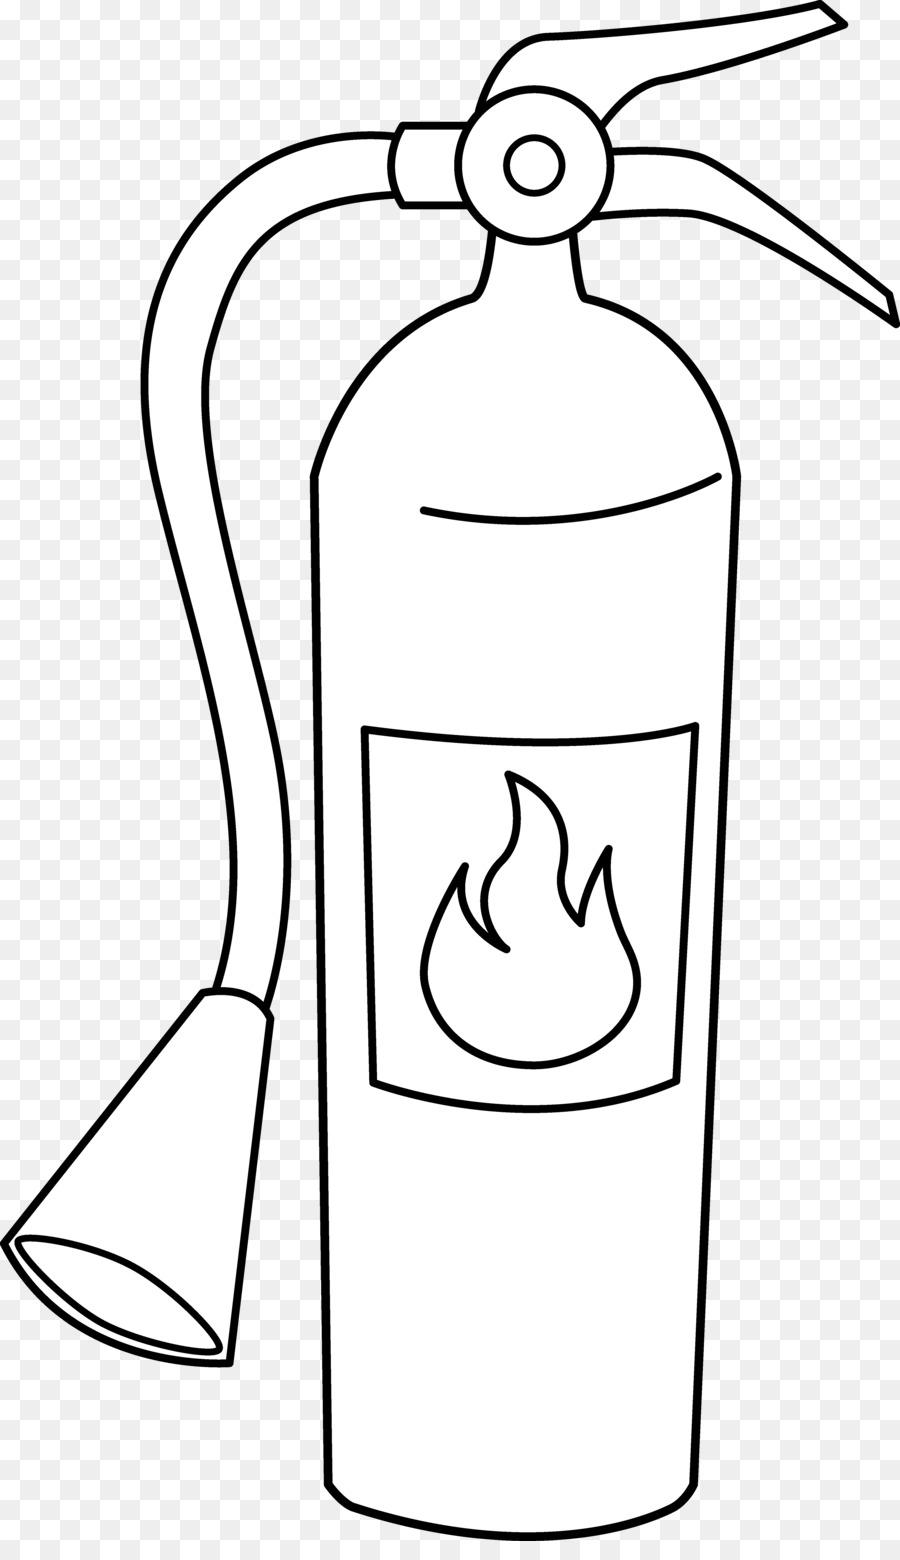 Extintor de incendios libro para Colorear de un hidrante contra ...